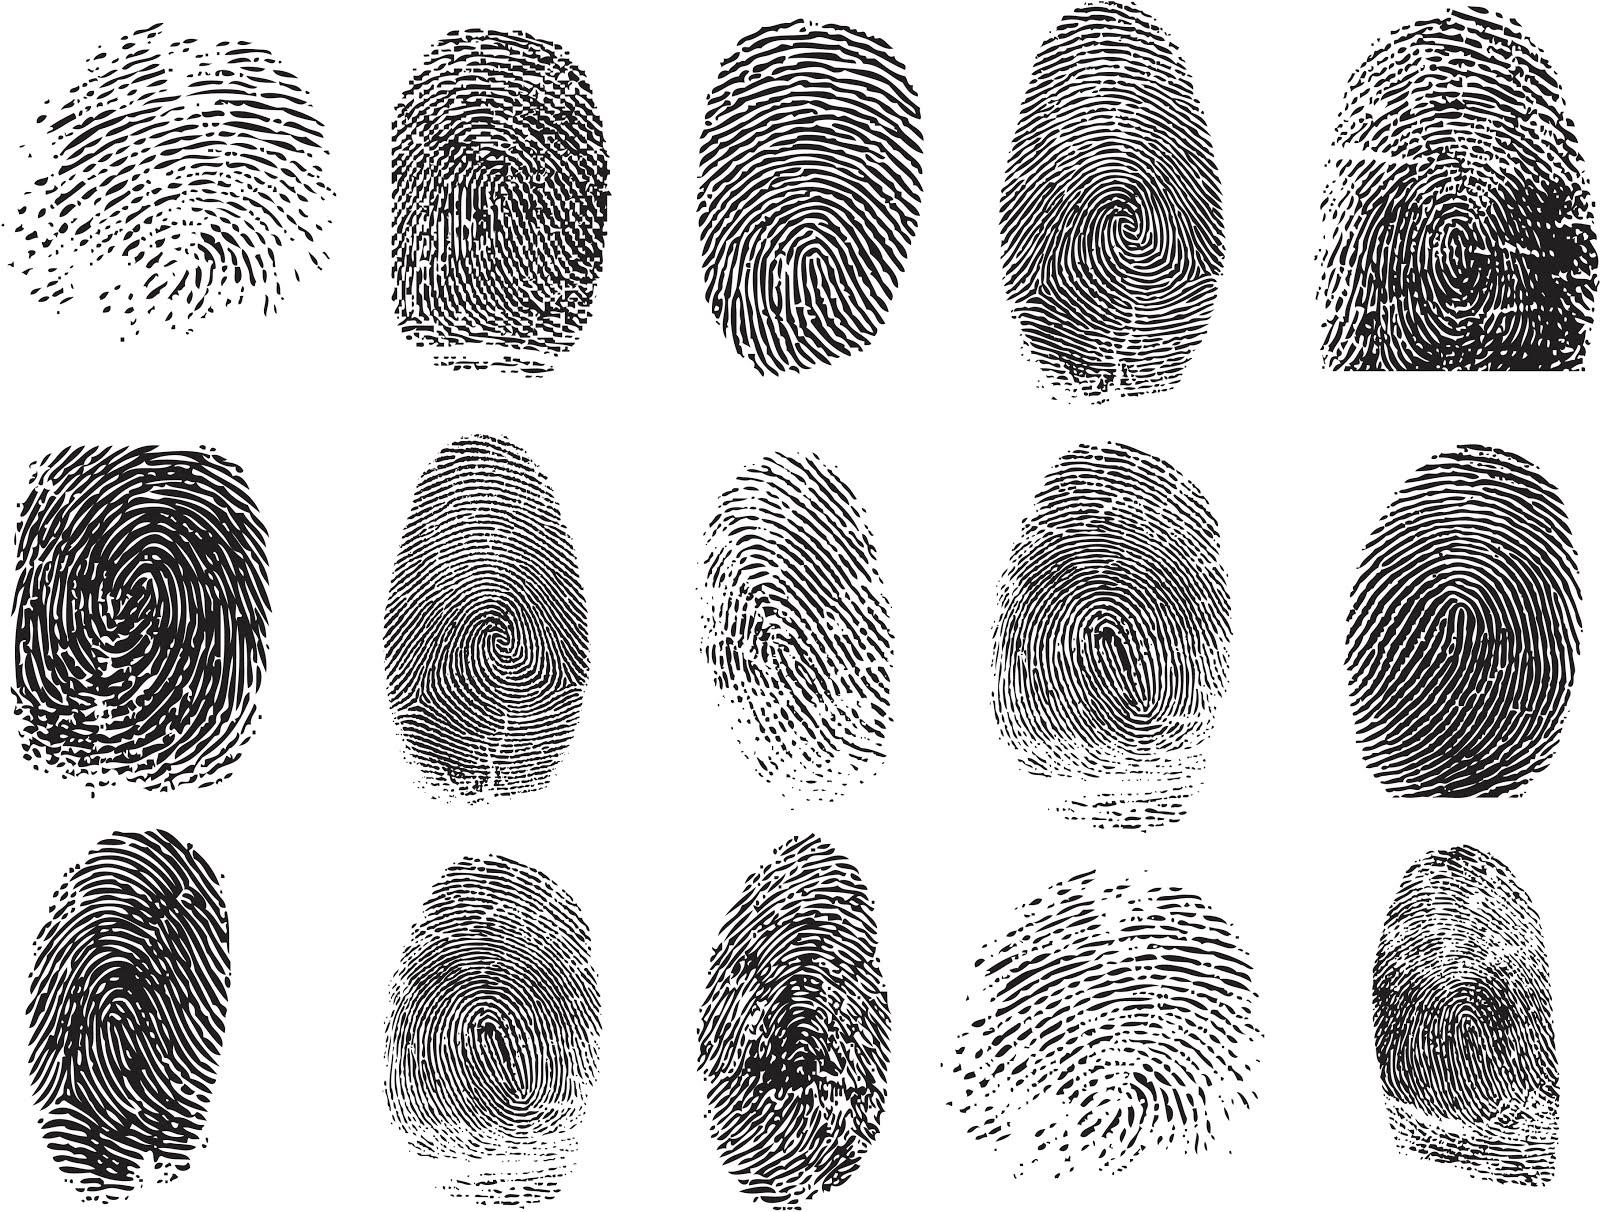 Сгенерированный нейронной сетью отпечаток пальца может быть похож навсе эти сразу.